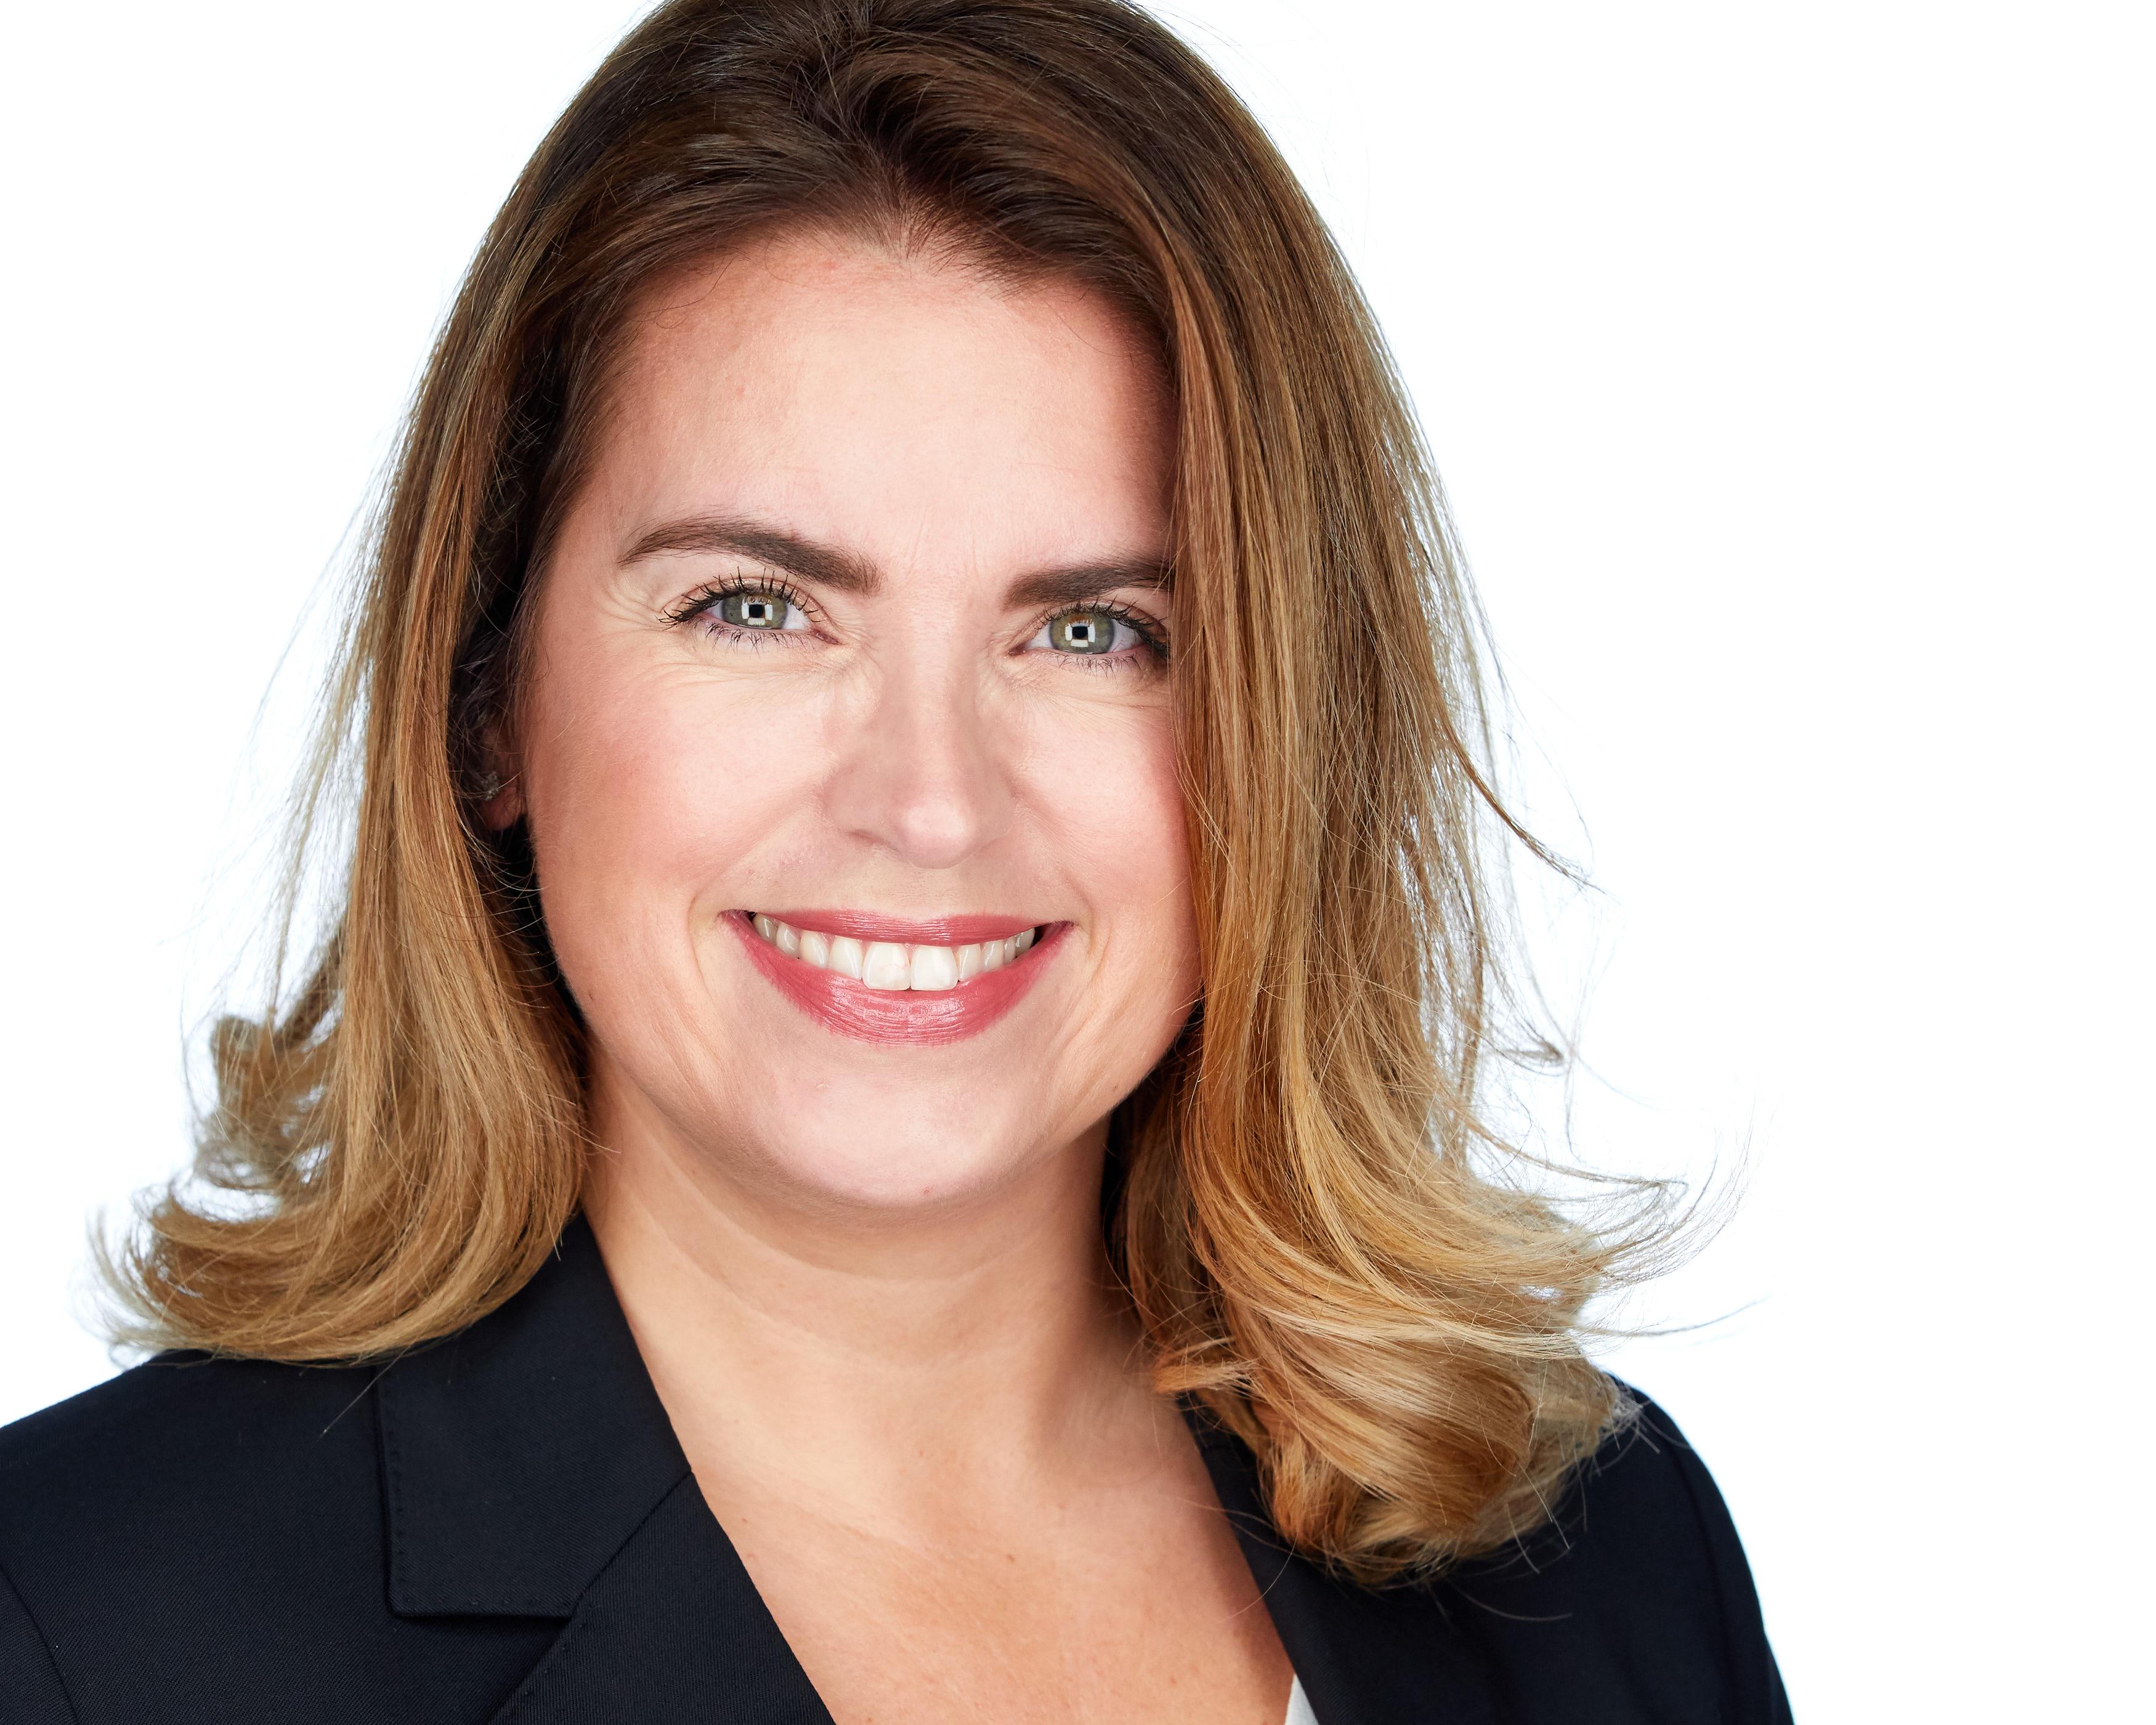 Carla Stragiotti Soares